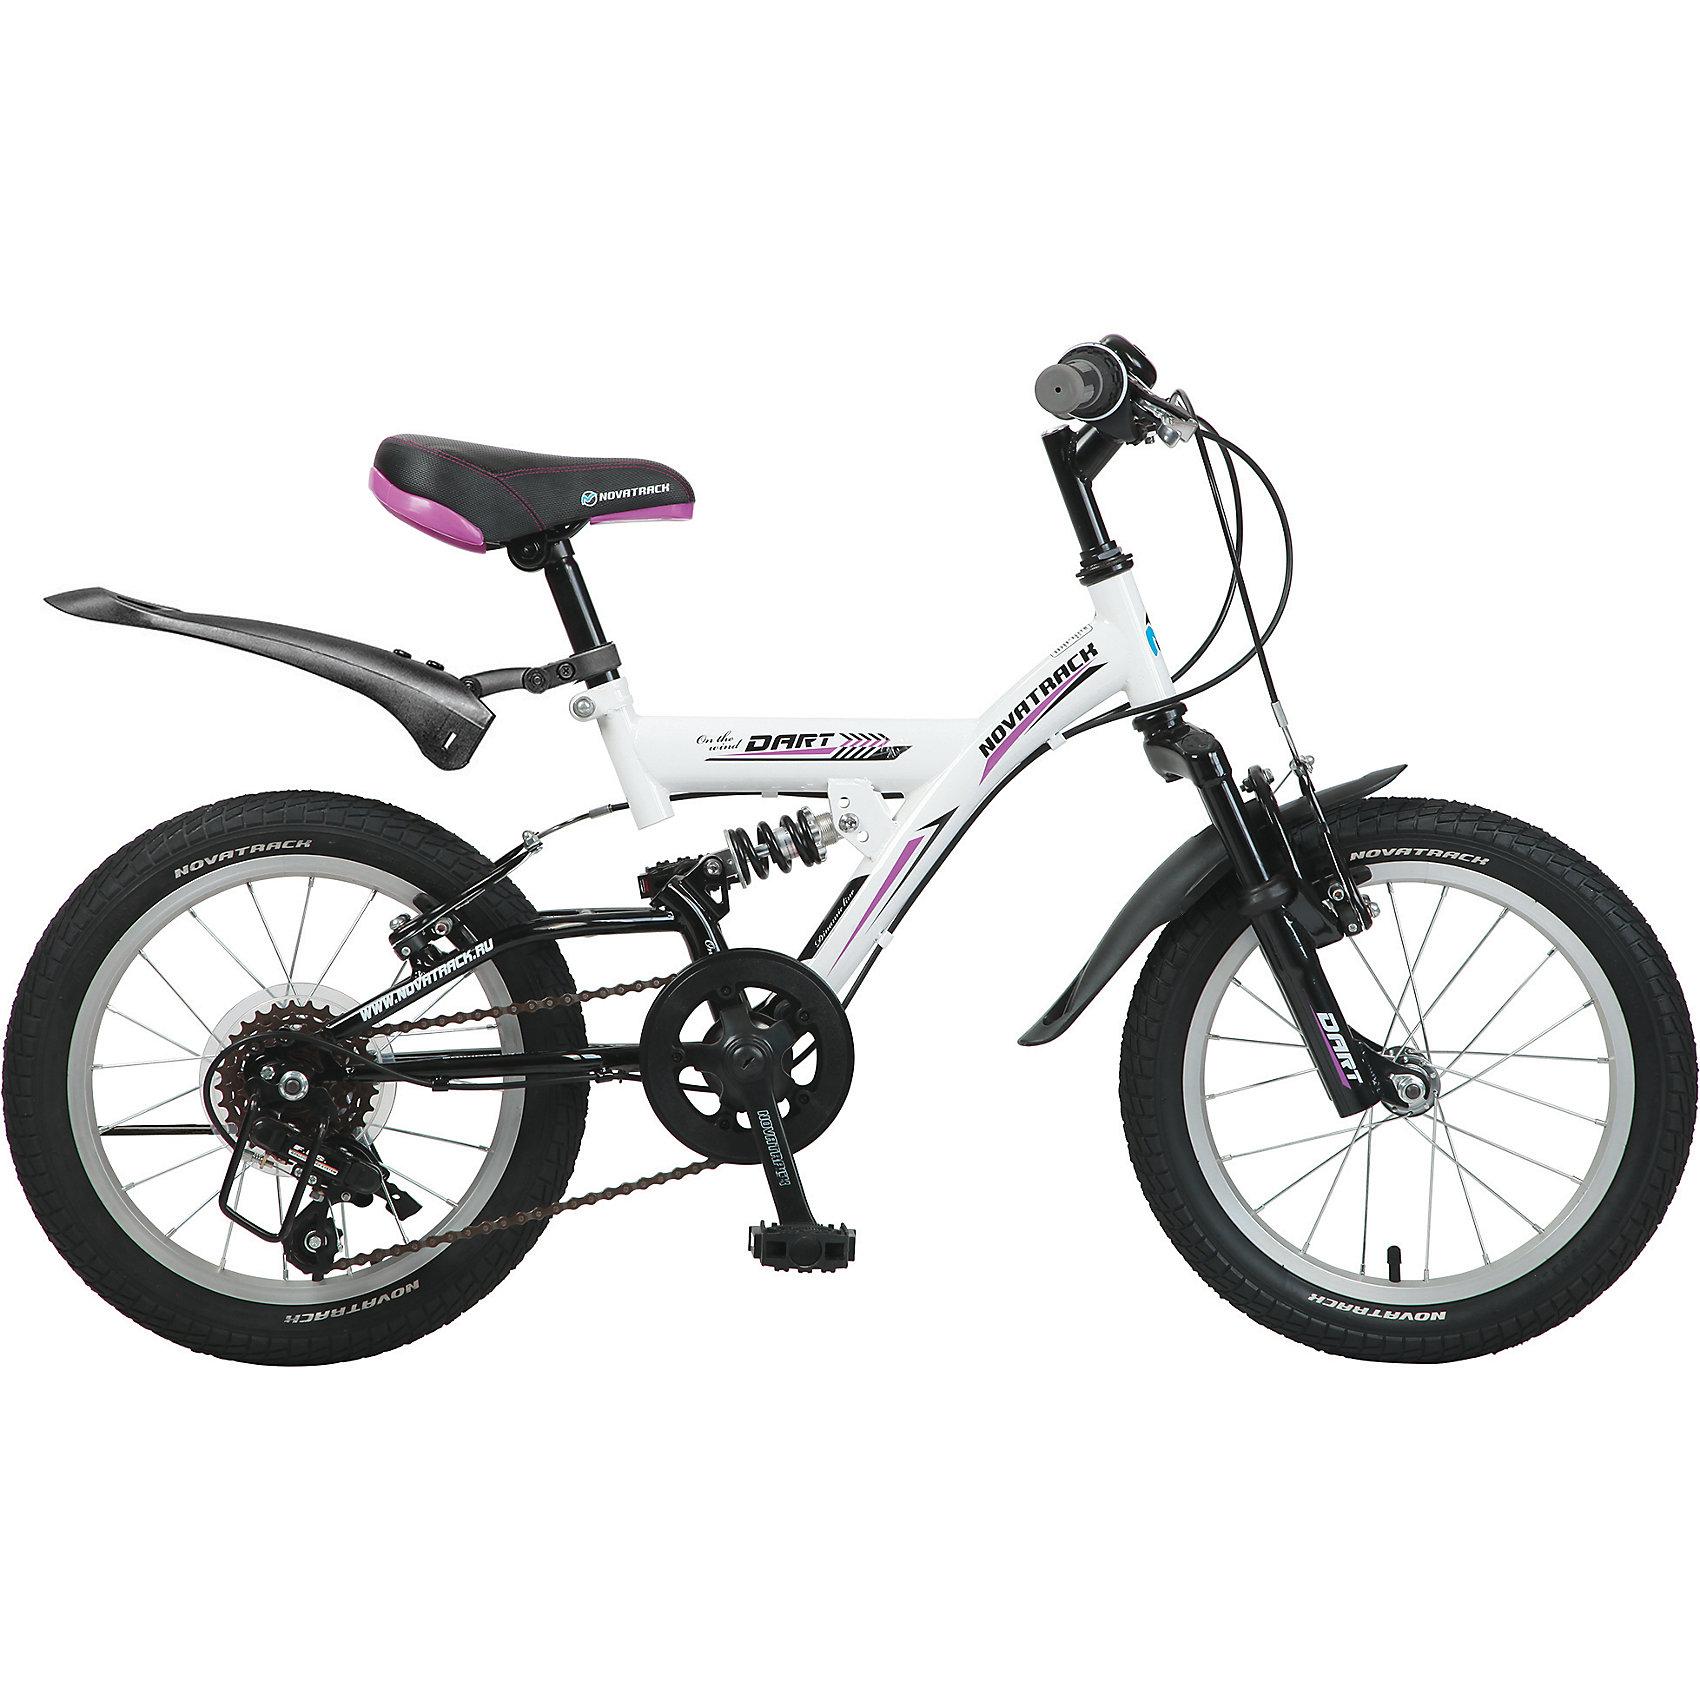 Велосипед DART, белый, 16 дюймов, NovatrackВелосипеды детские<br>Велосипед Novatrack Dart 16 это один из велосипедов, который чаще всего выбирают для ребят 5-7 лет. А в этом возрасте они уже четко знают, чего хотят Передний и задний амортизаторы, как на больших спортивных велосипедах, переключатель скоростей на руле, целых два тормозапередний и задний, которыми, как показывает практика, дети быстро учатся управлять. Велосипед оборудован мягким регулируемым седлом, которое обеспечит удобную посадку во время катания. Руль велосипеда также регулируется по высоте, благодаря чему велосипед долго будет соответствовать росту ребенка. Велосипед Novatrack Dart 16 оборудован 5-скоростной системой и подходит для катания не только во дворе, но и в парках, а также за городом.<br><br>Ширина мм: 900<br>Глубина мм: 180<br>Высота мм: 420<br>Вес г: 12000<br>Возраст от месяцев: 60<br>Возраст до месяцев: 84<br>Пол: Унисекс<br>Возраст: Детский<br>SKU: 5613214